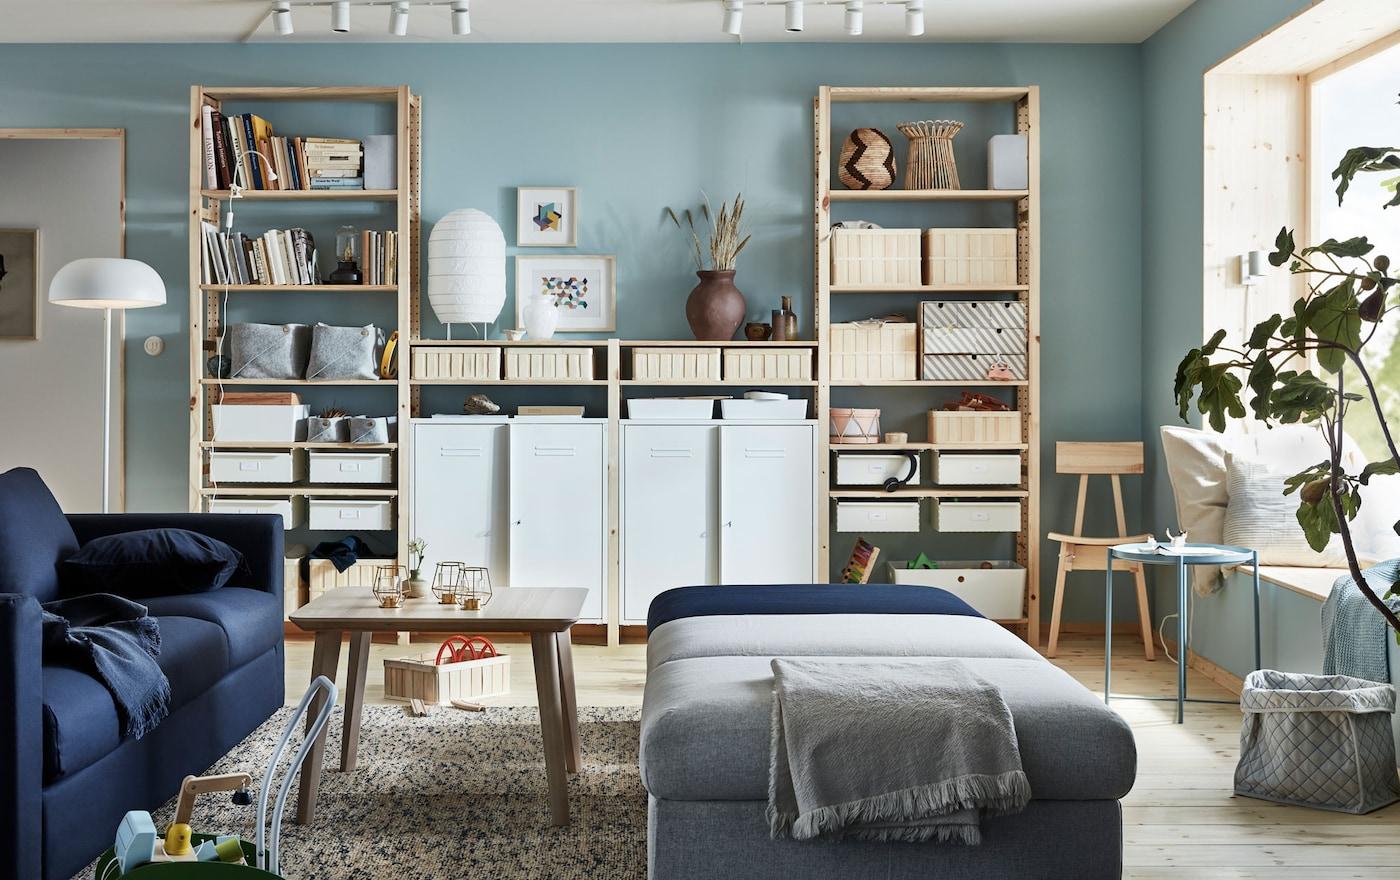 IKEA IVAR hyllyt auttavat pitämään olohuoneen järjestyksessä. Vaaleat mäntypuiset hyllyt voi käsitellä petsaamalla tai maalaamalla mieleisikseen. Säädettäville hyllyille voi laittaa erikokoisia laatikoita.